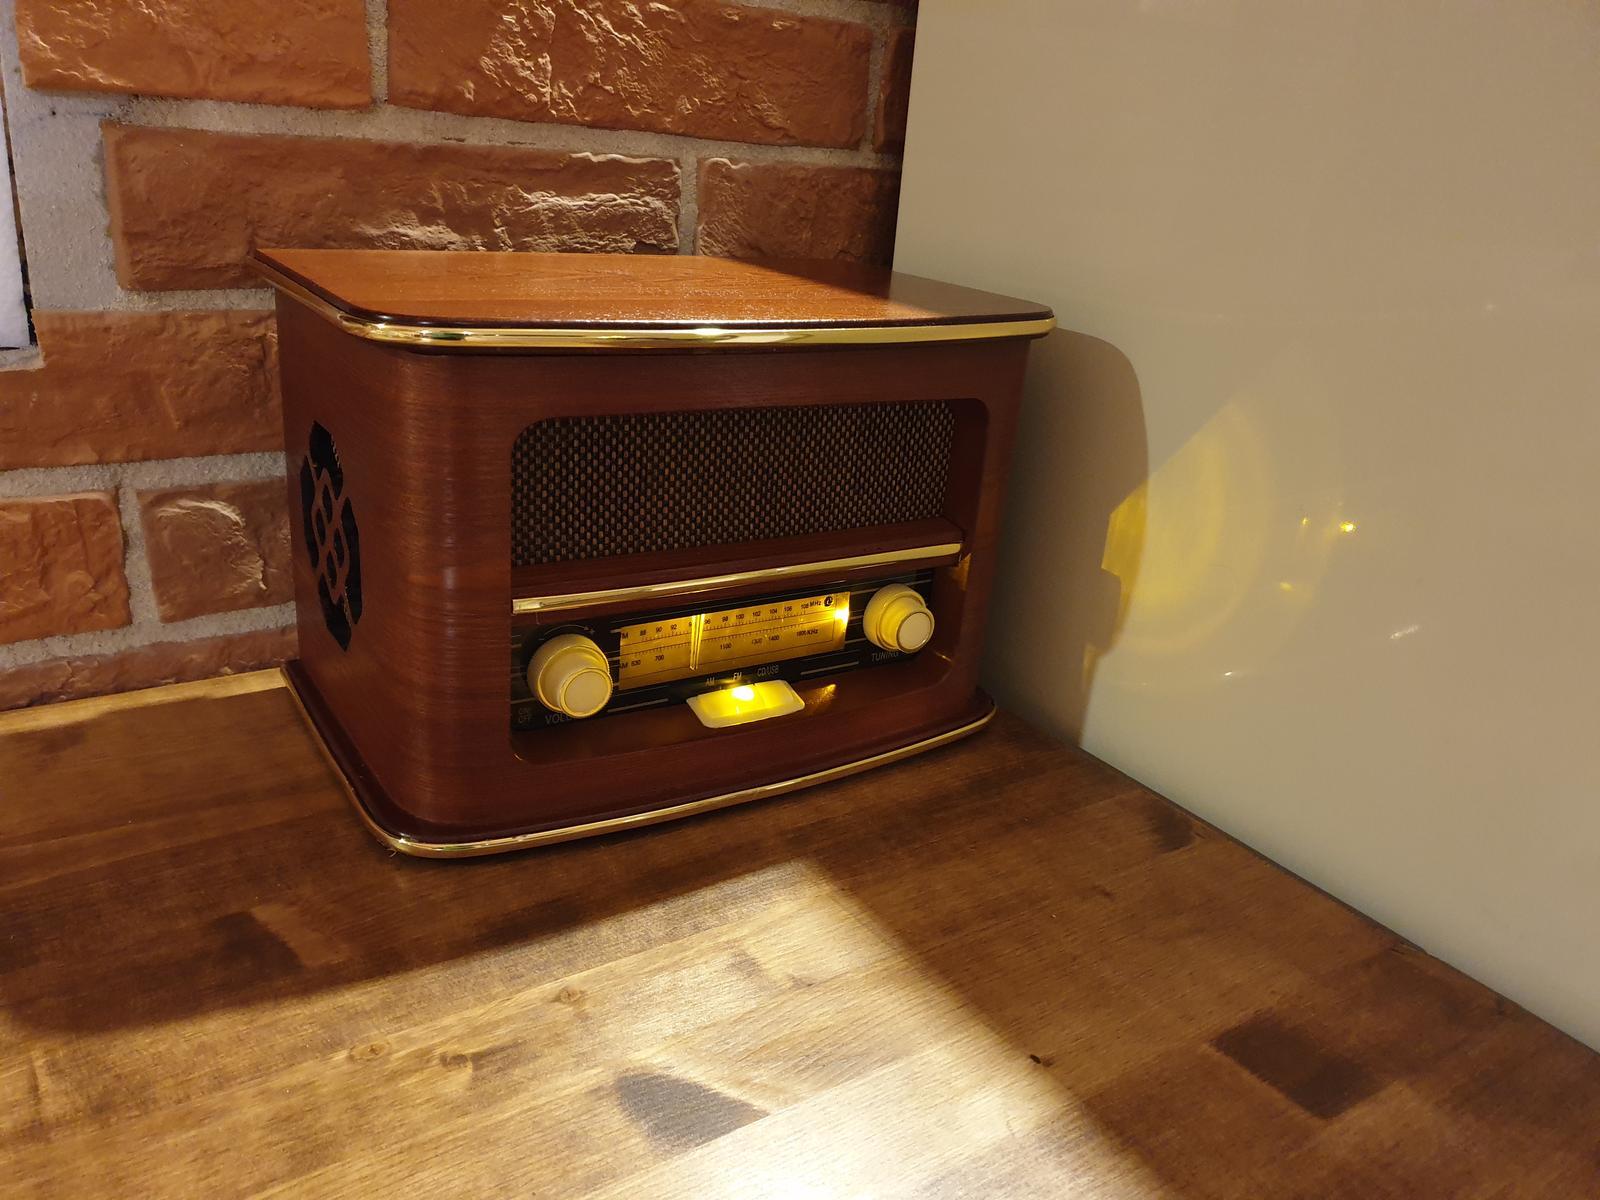 Kuchyňa svojpomocne - radio.. konečne také aké sme chceli